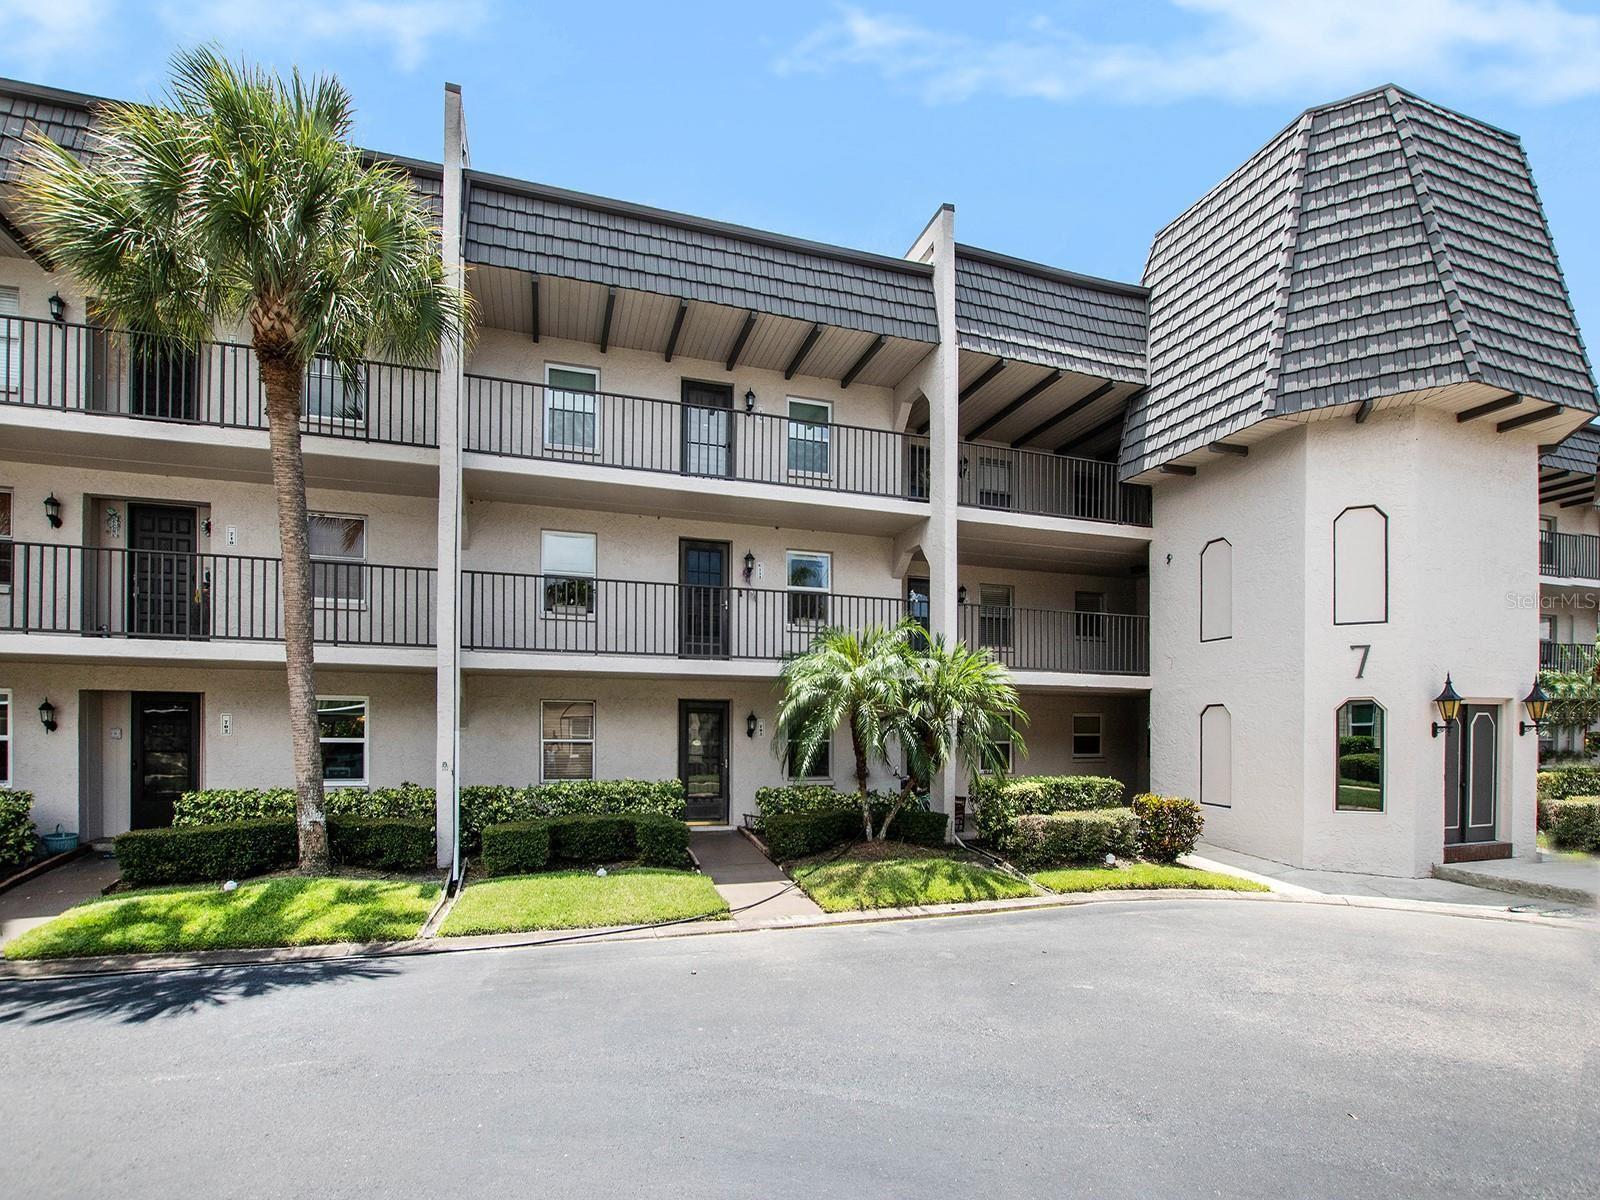 718 CORDOVA GREEN #718, Seminole, FL 33777 - #: U8129925